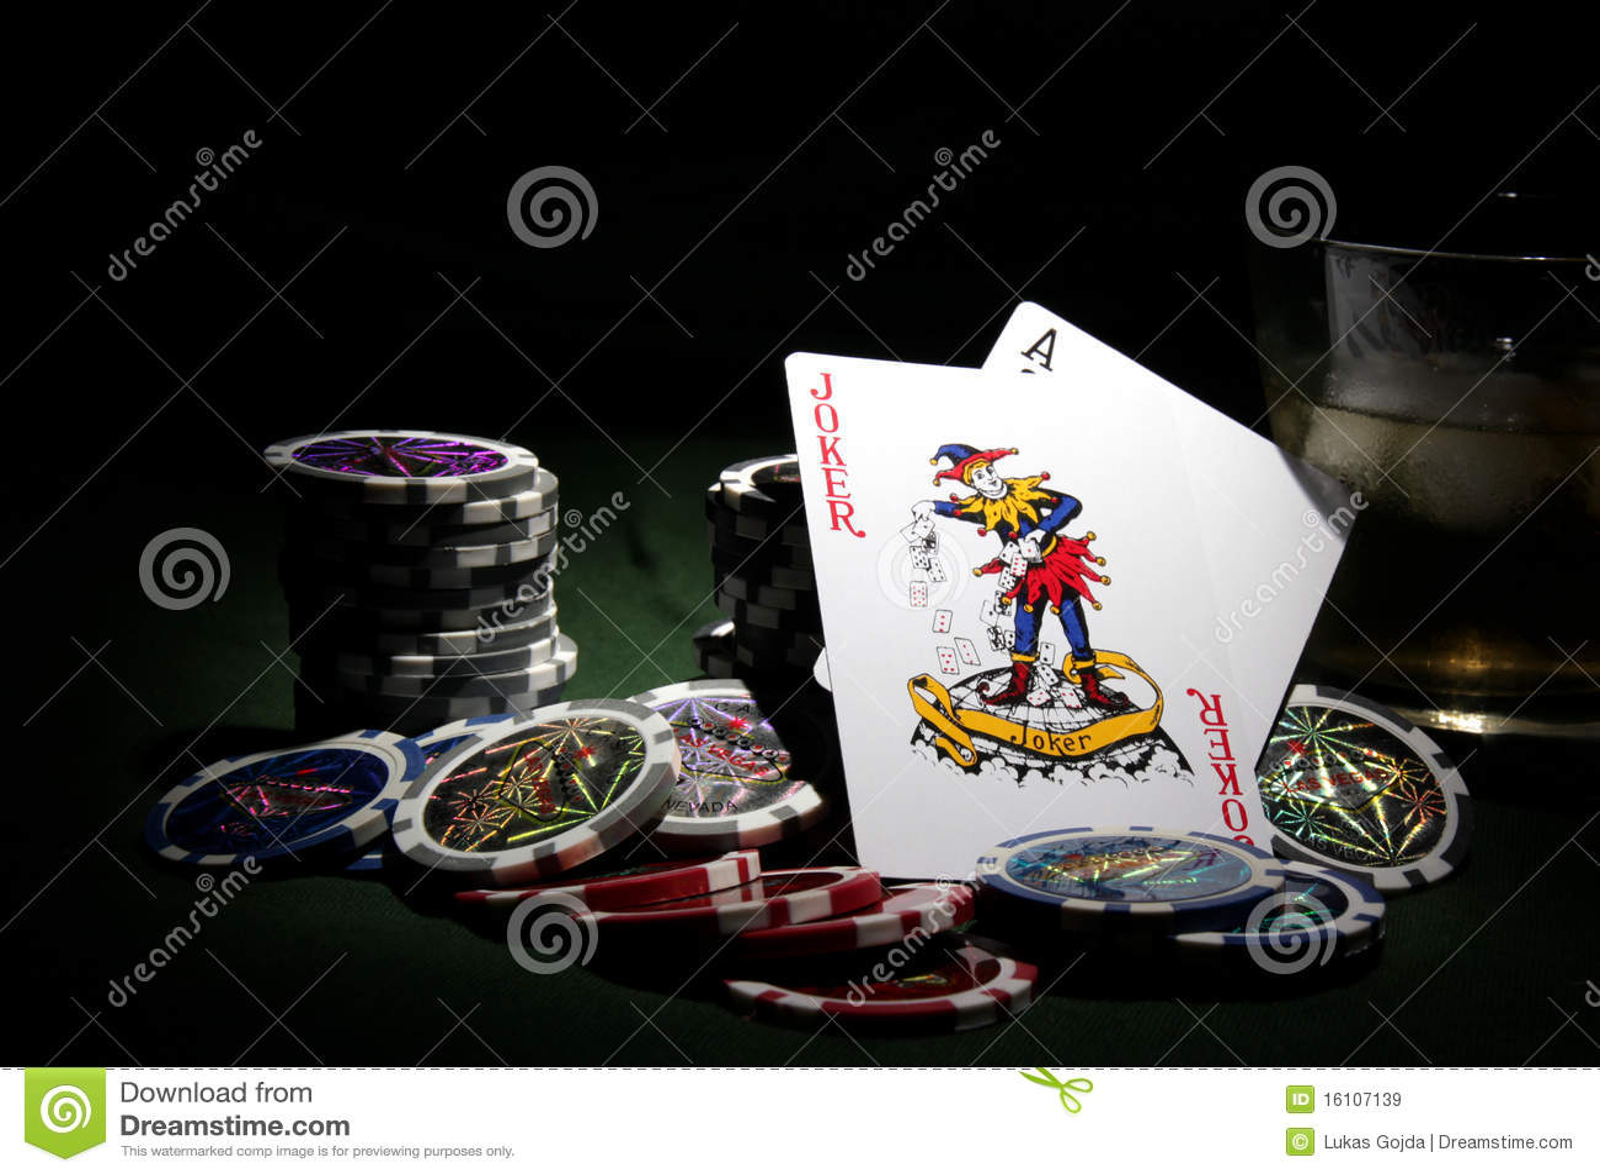 Poker theme